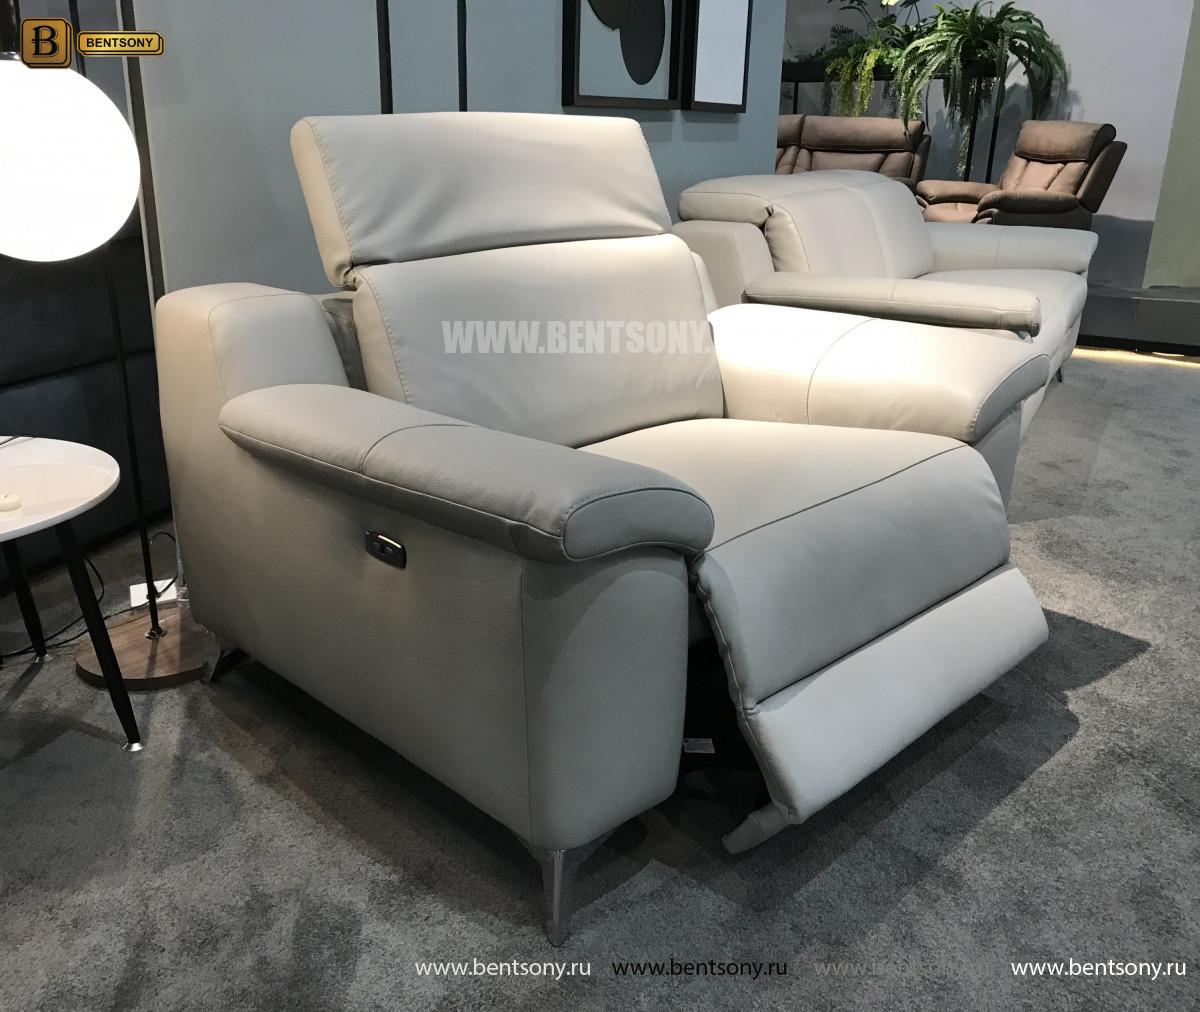 Кресло Торенеро (Реклайнер, натуральная кожа) купить в СПб